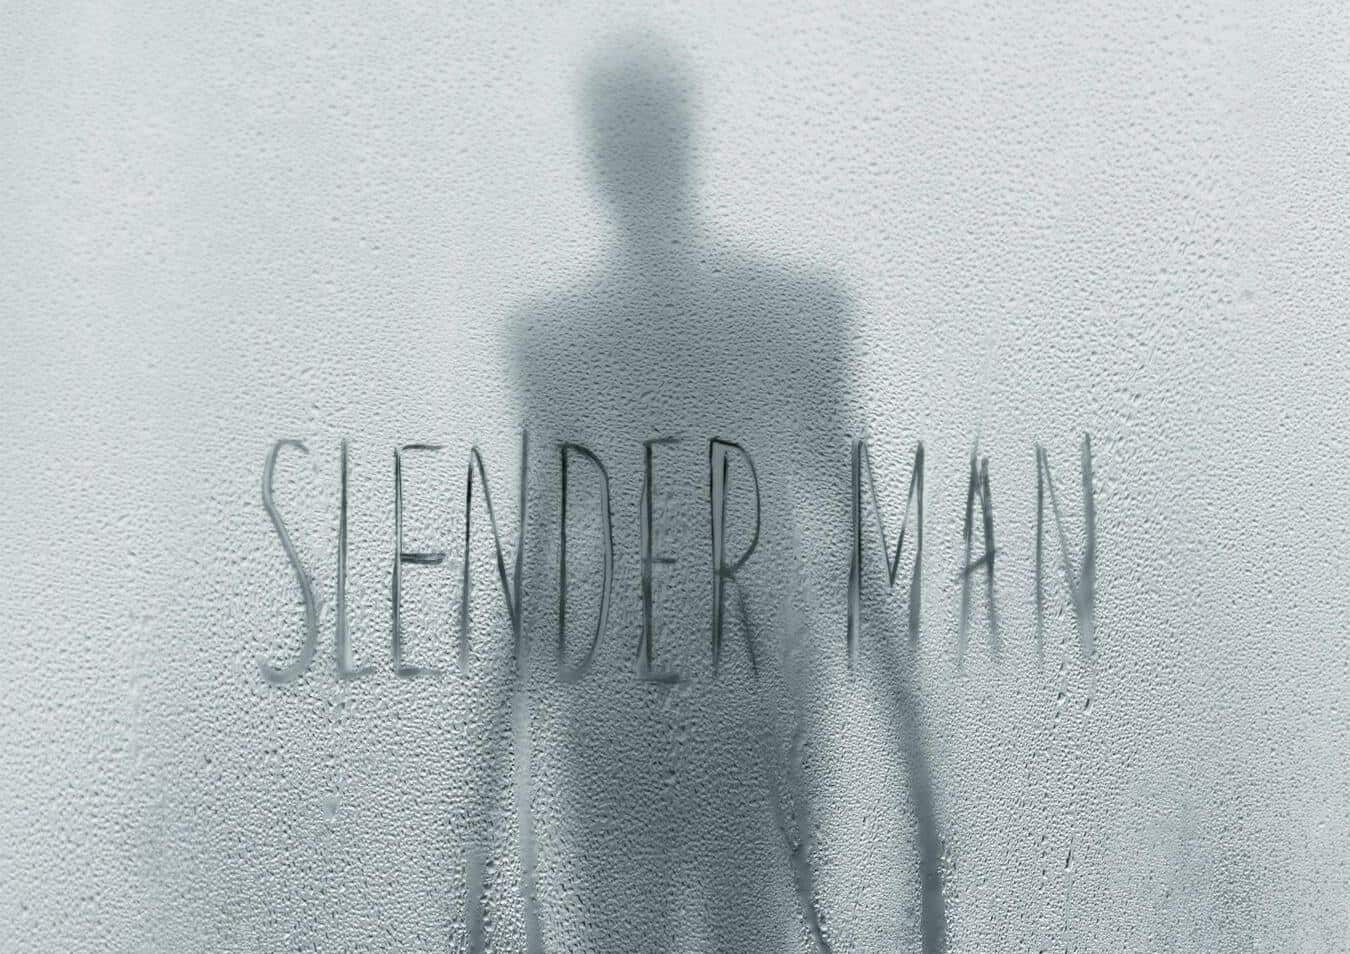 Crítica do filme Slenderman: um pesadelo sem rosto